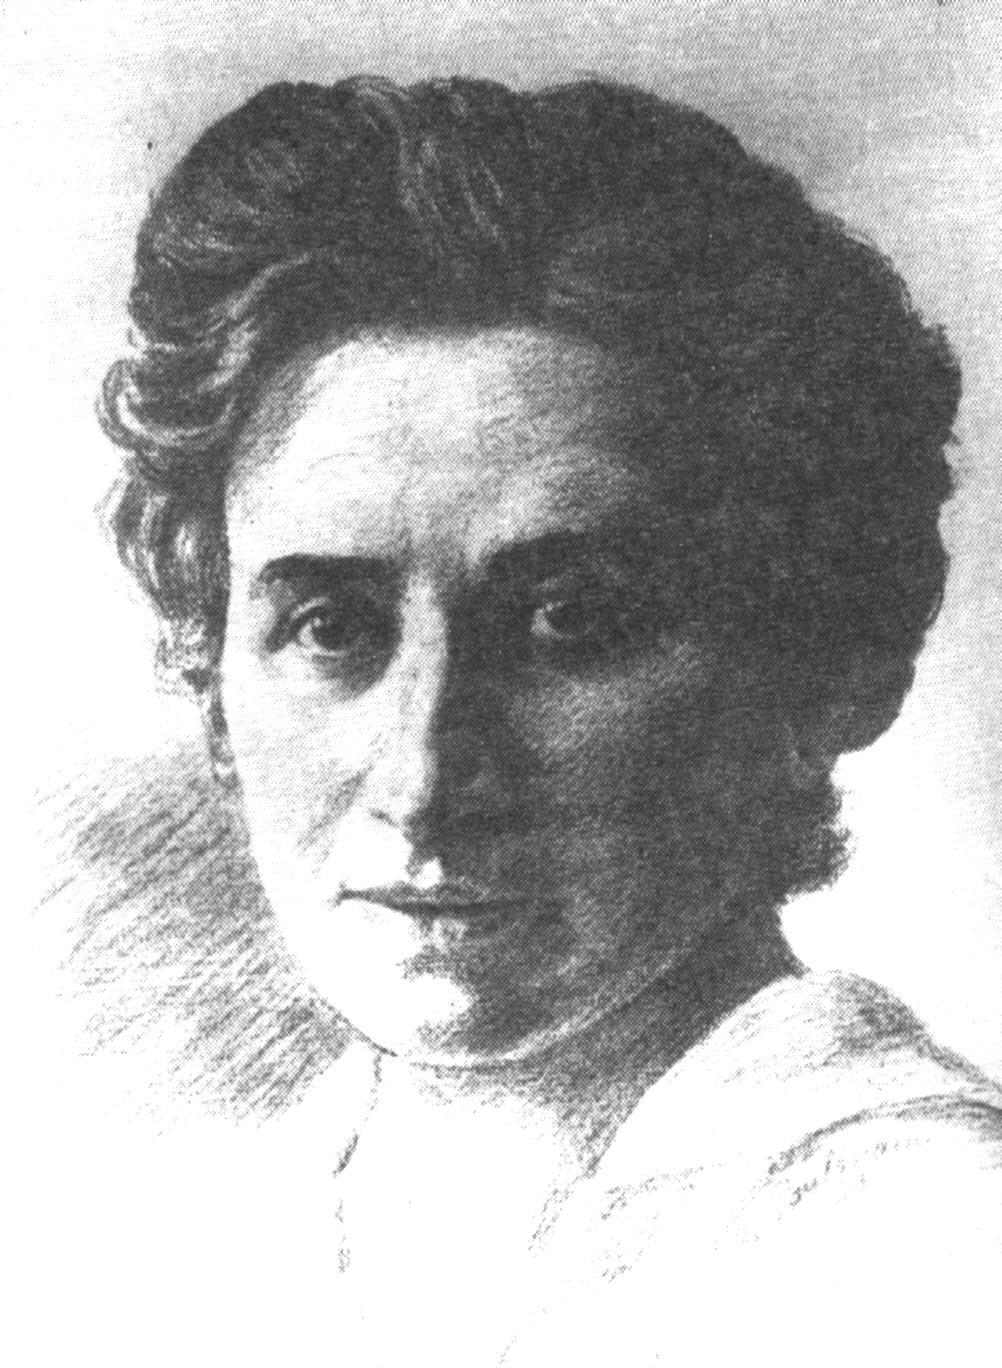 Rosa Luxemburg's Revolutionary Socialism